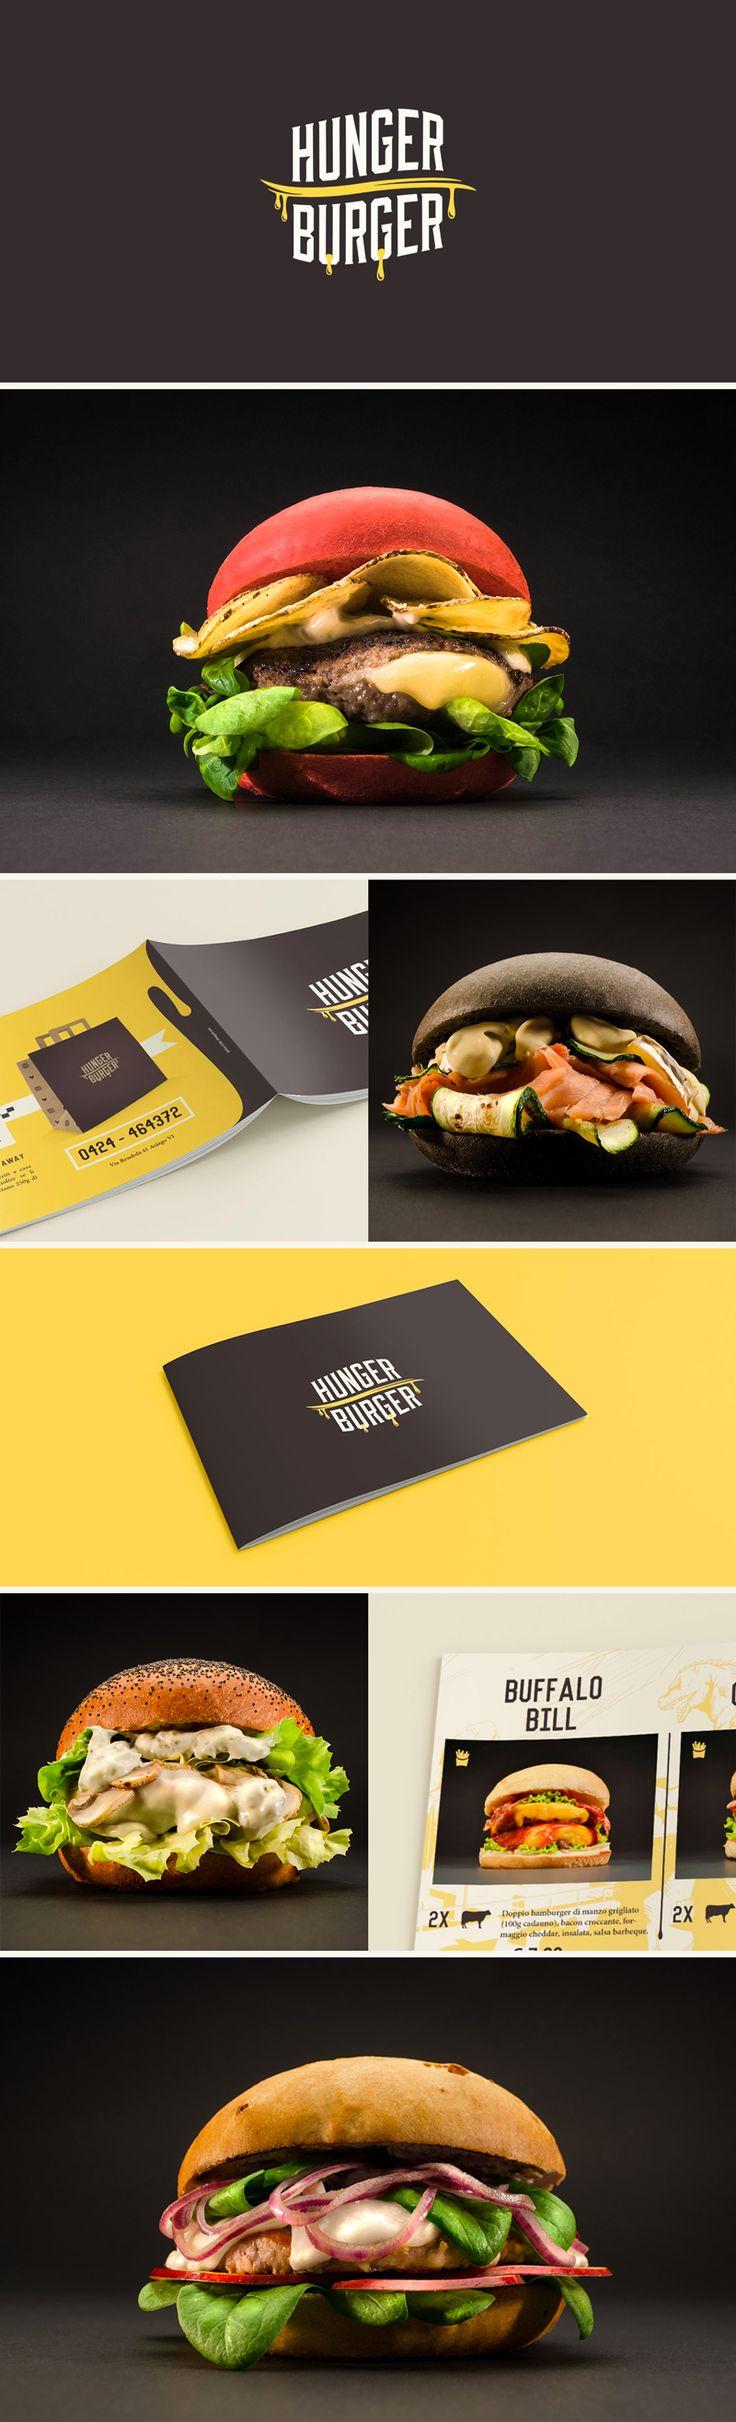 Hunger Burger branding | www.ofmagnet.com #graphic #design #logo #photo #burger #menu #pub #burgerhouse #food #tasty #ofmagnet #asiago